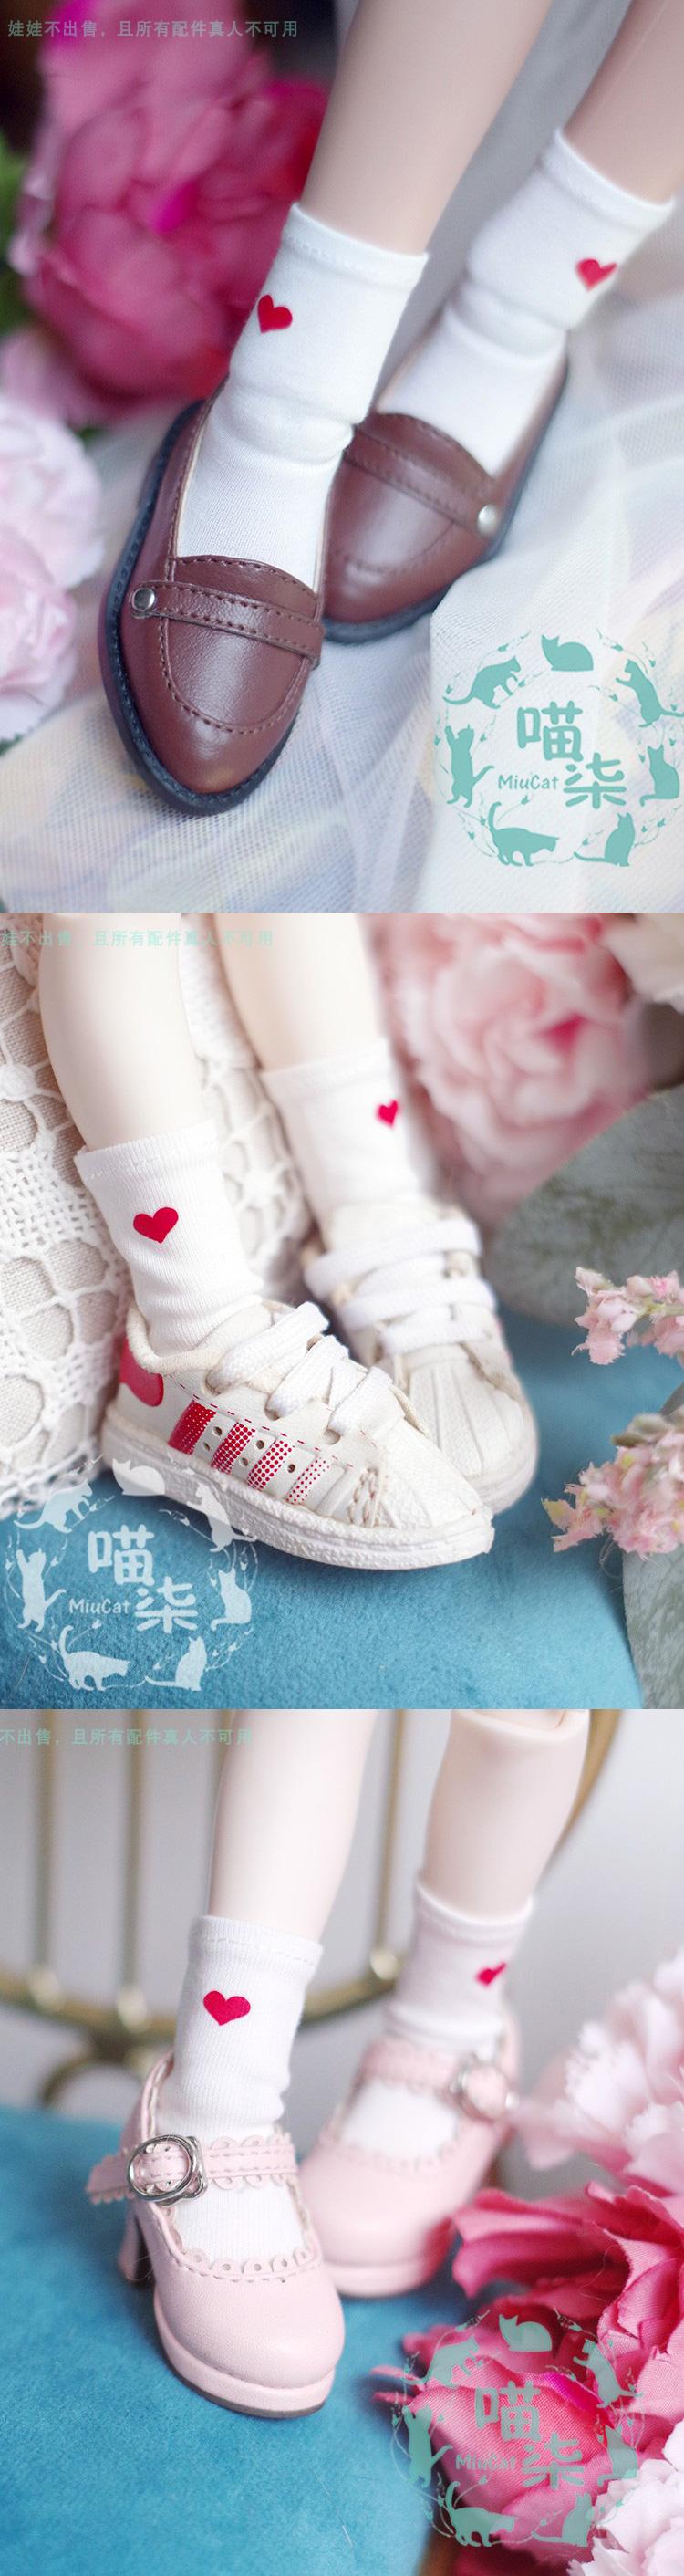 Socks Girl/Boy White Socks For SD/MSD/YOSD